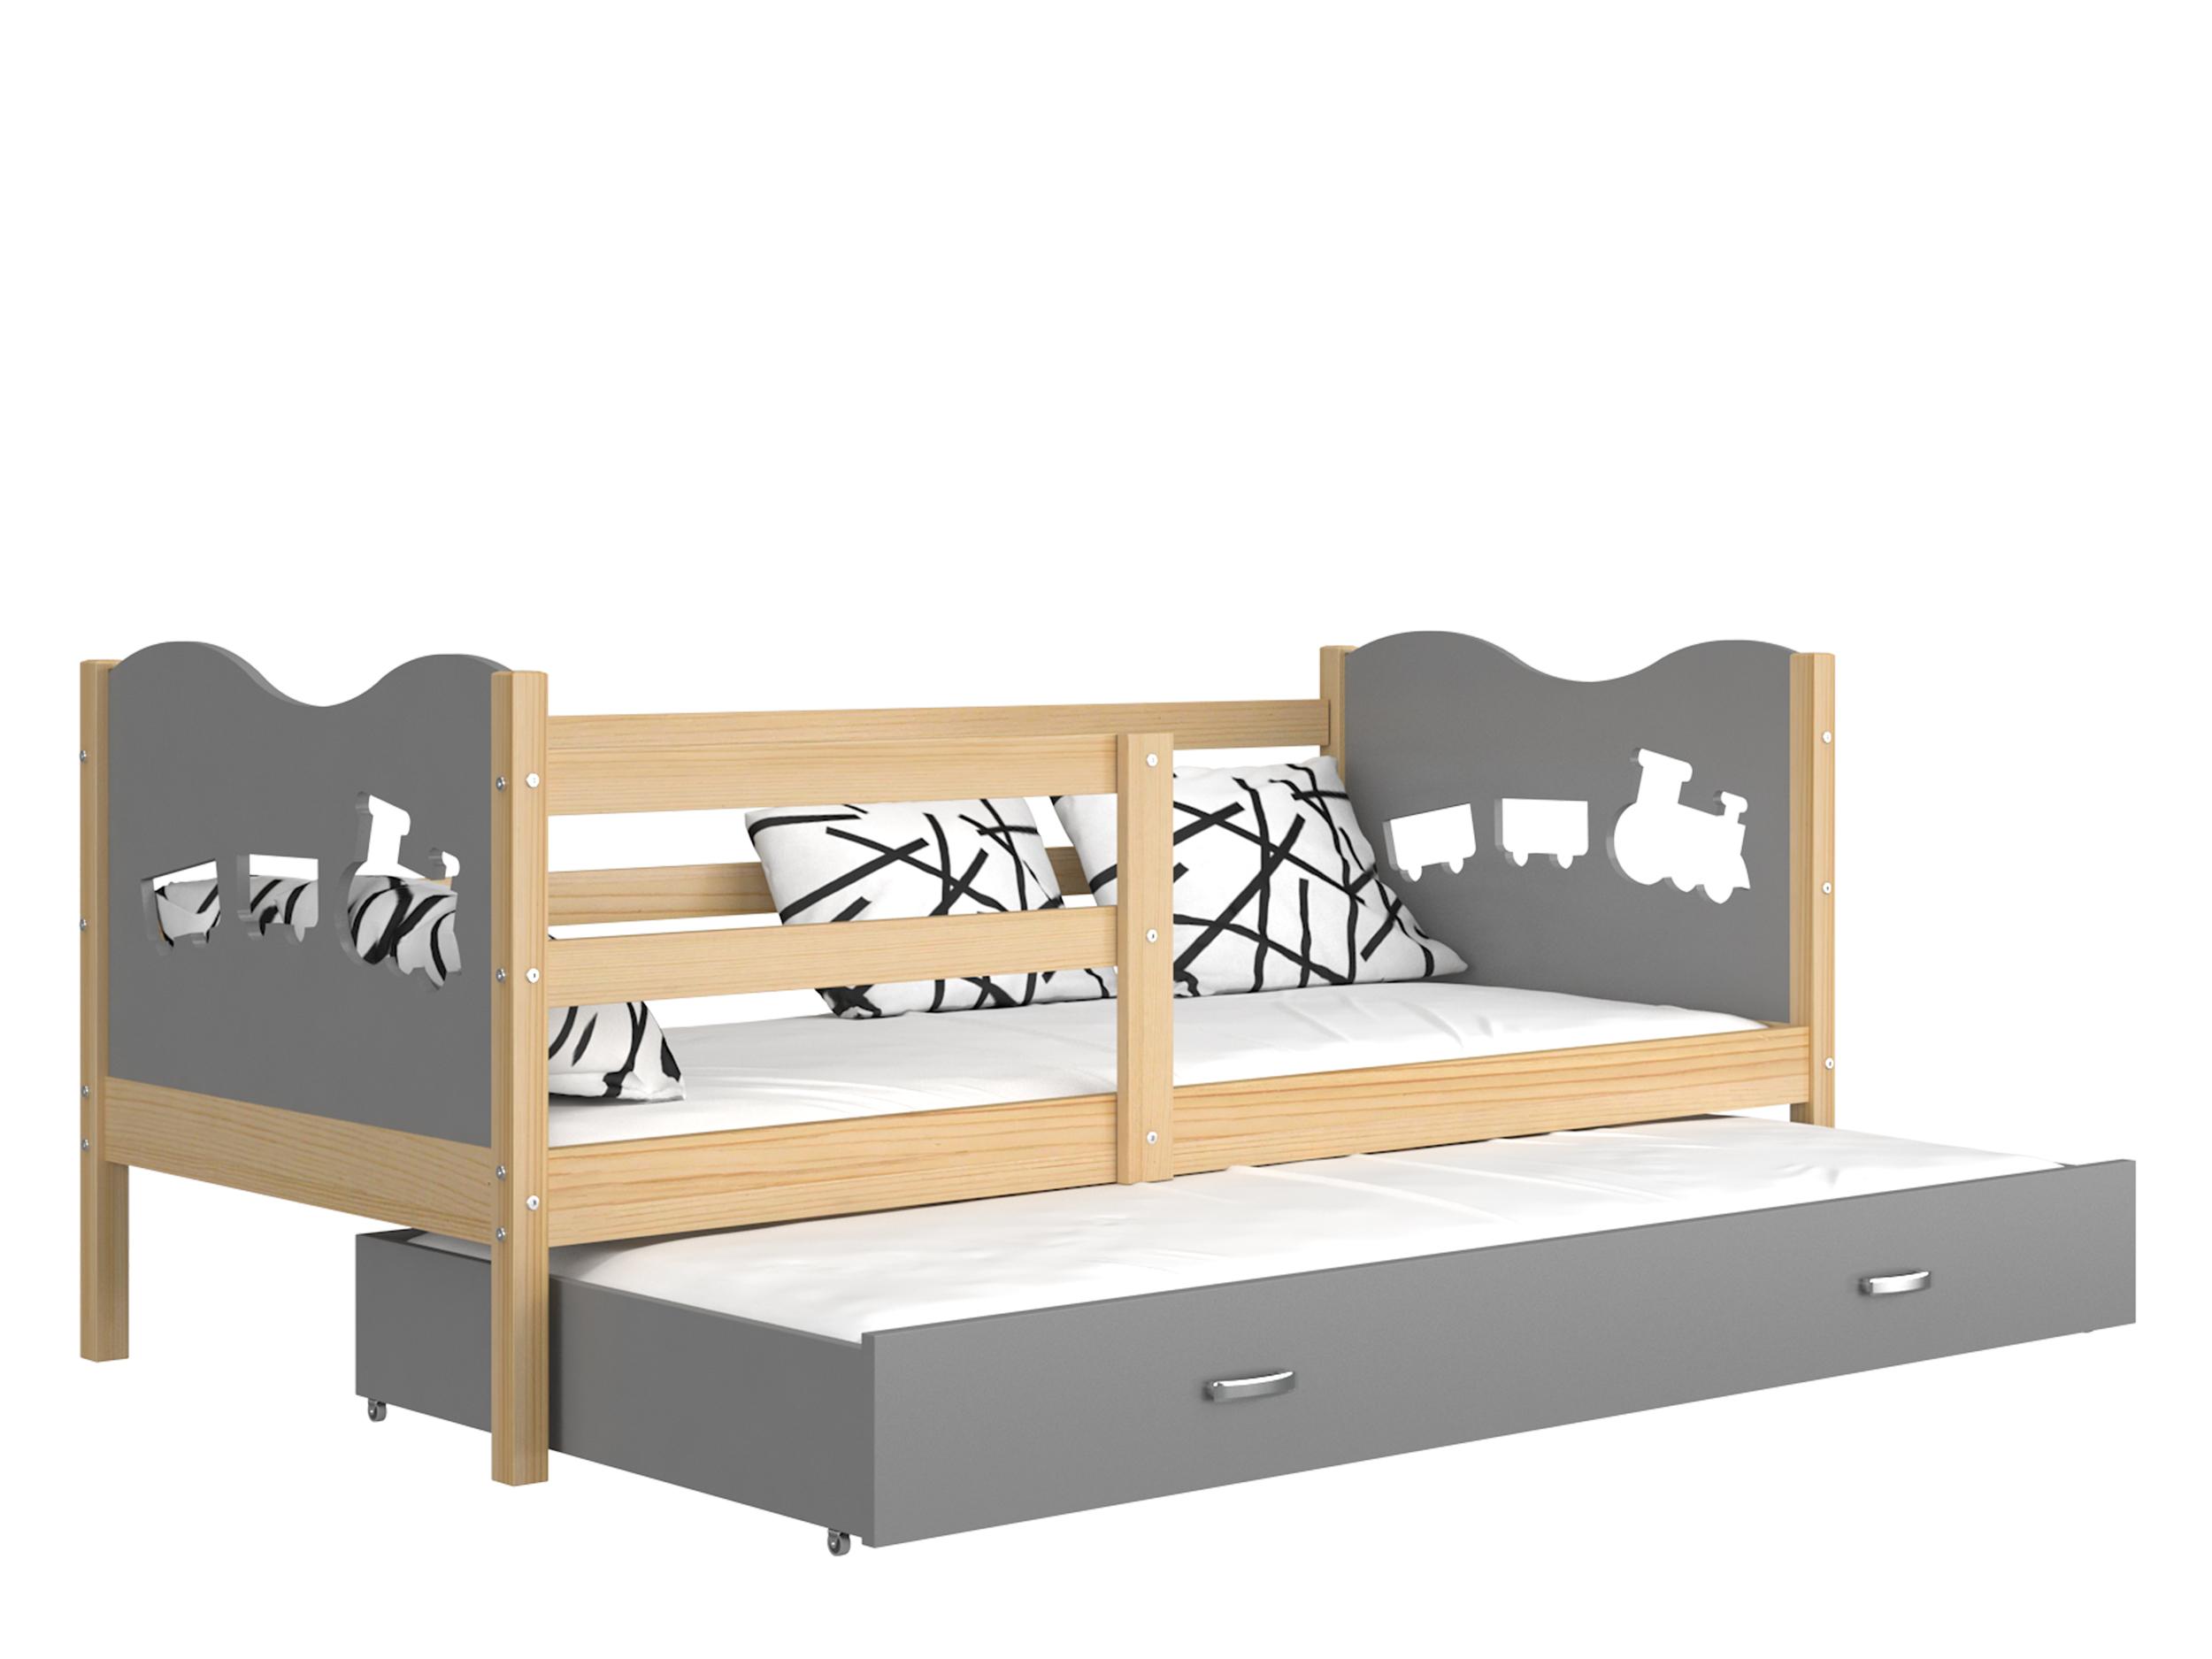 ArtAJ Detská posteľ Max P2 drevo / MDF 190 x 80 cm Max: borovica / sivá s matracom 190 x 80 cm